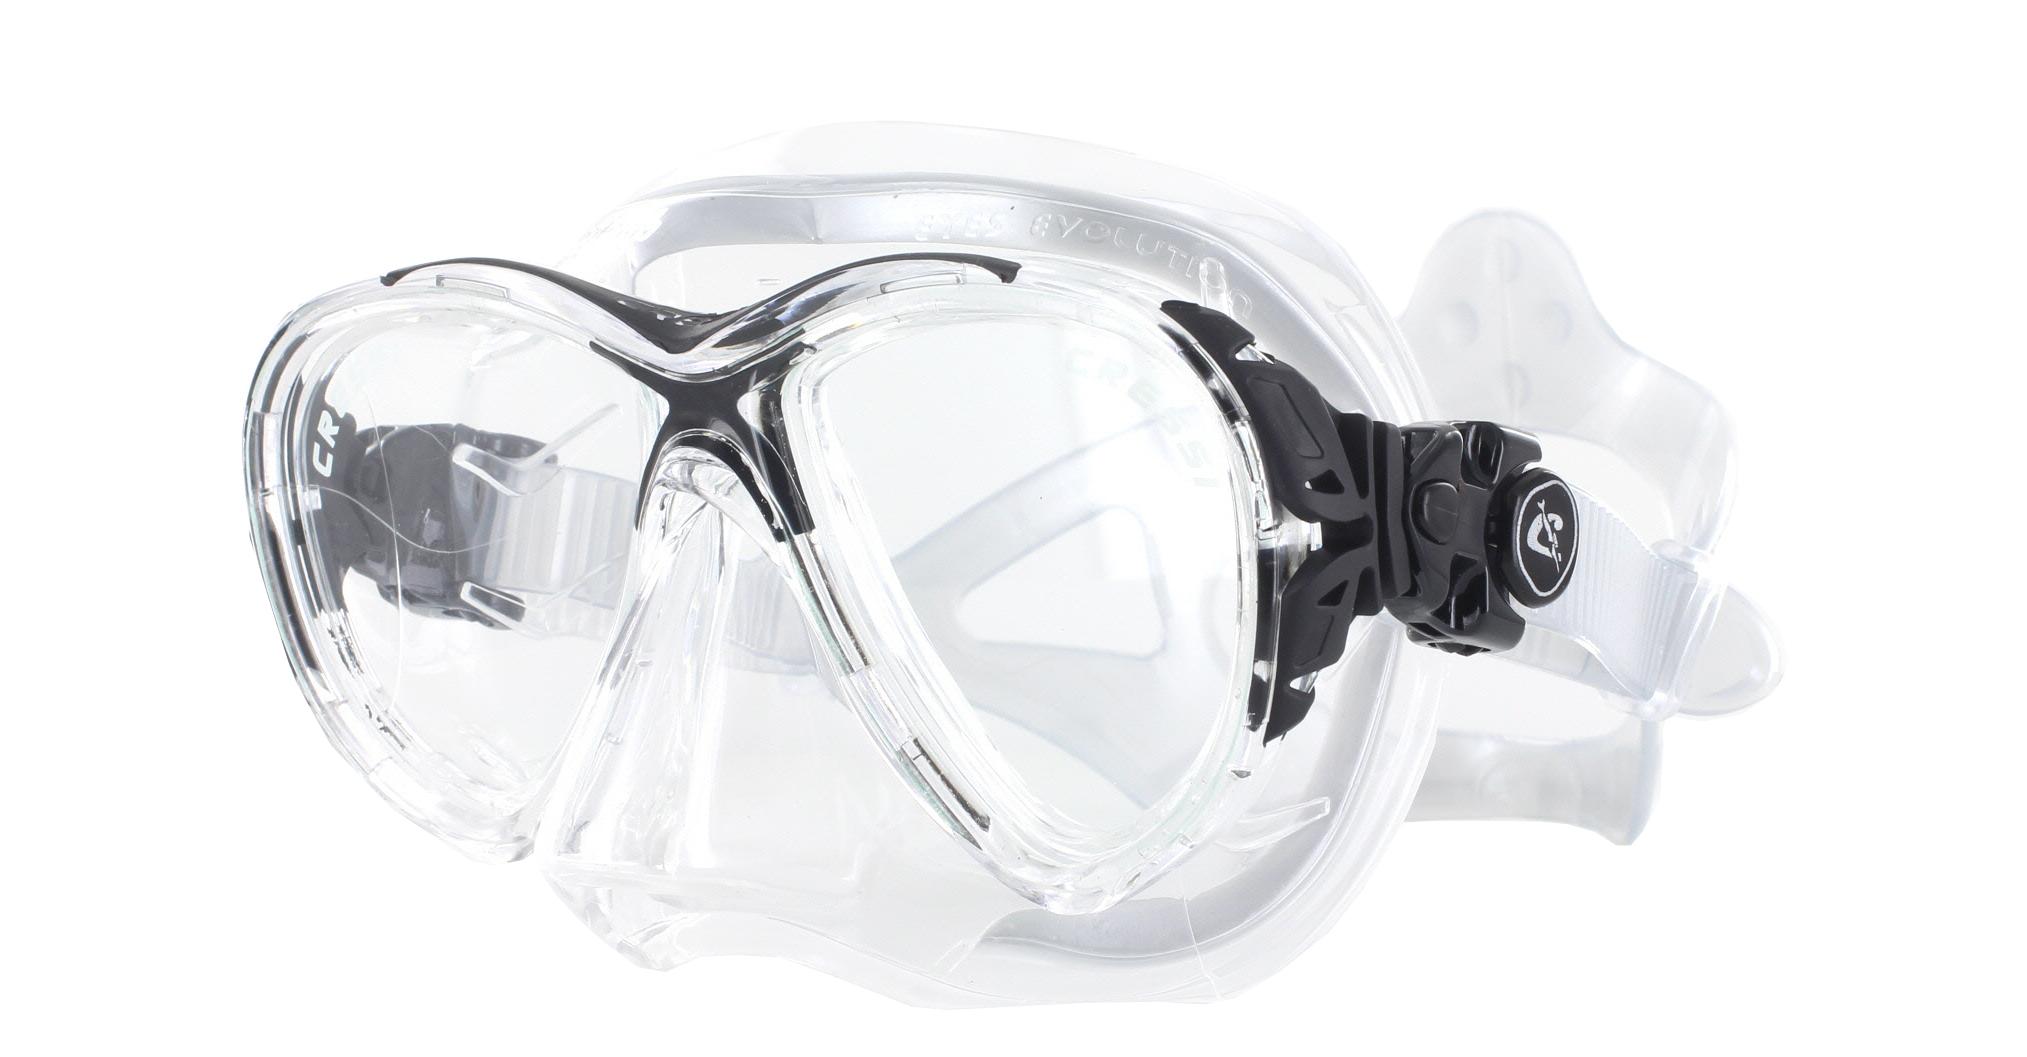 Cressi Eyes Evolution Crystal Silicon - Black Schräge Ansicht